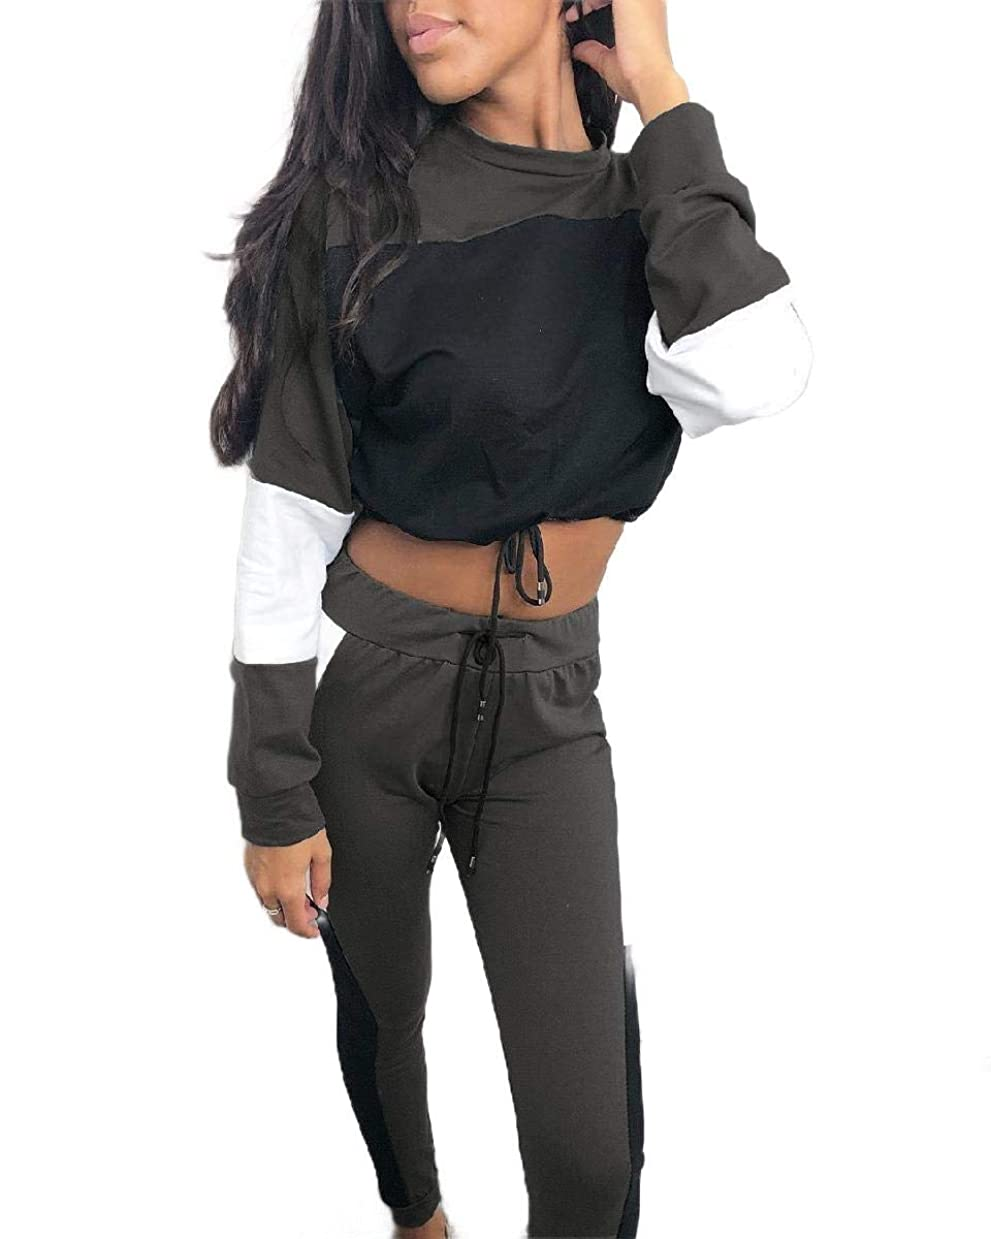 迷路保有者猛烈なWomens Casual Drawstring Round Neck Crop Top Two Piece Tracksuit Outfit